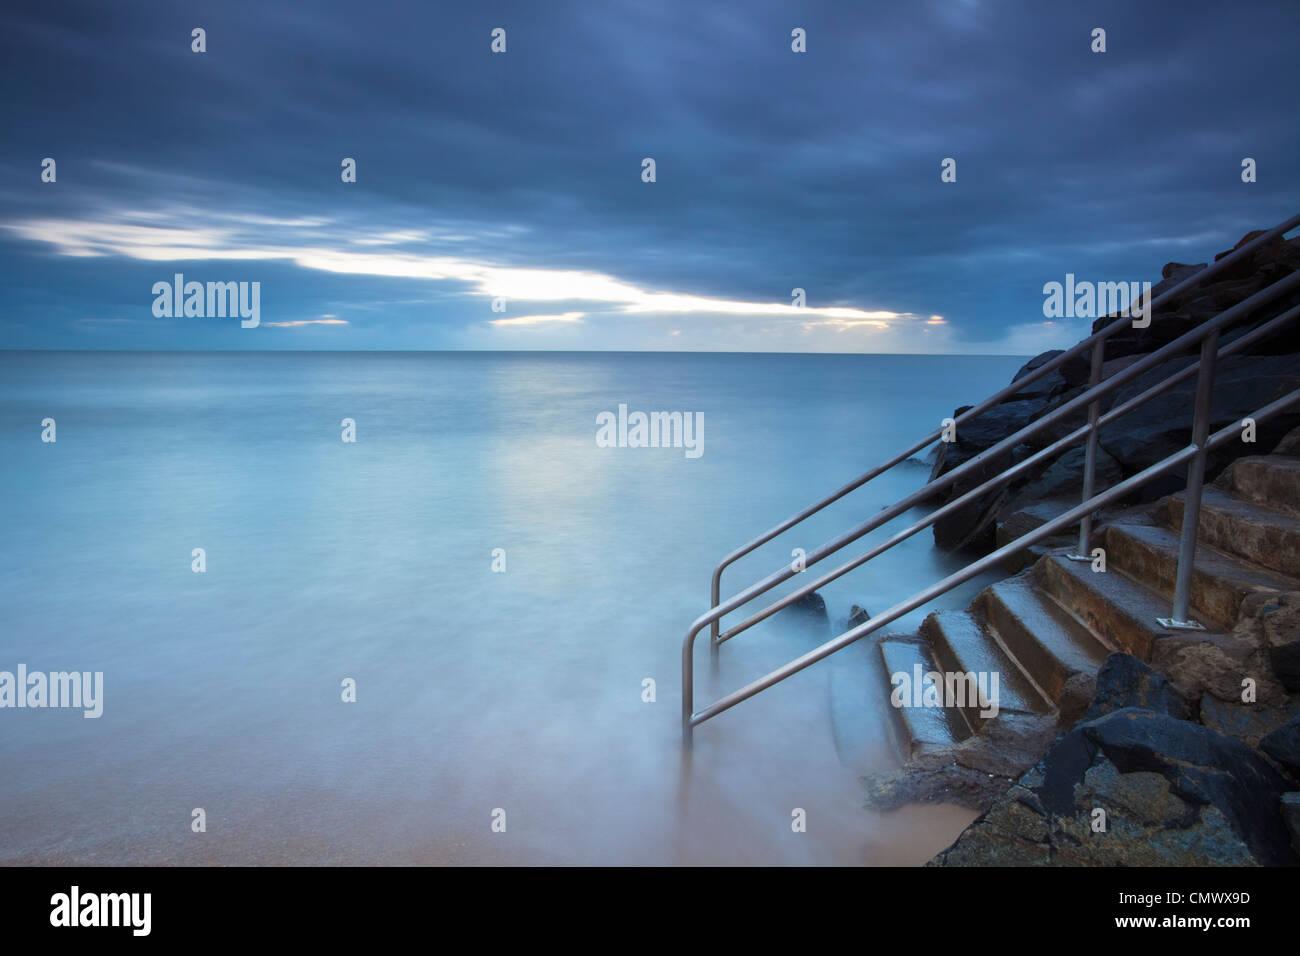 Au cours des vagues de lave-étapes menant à la mer. Machans Beach, Cairns, Queensland, Australie Photo Stock